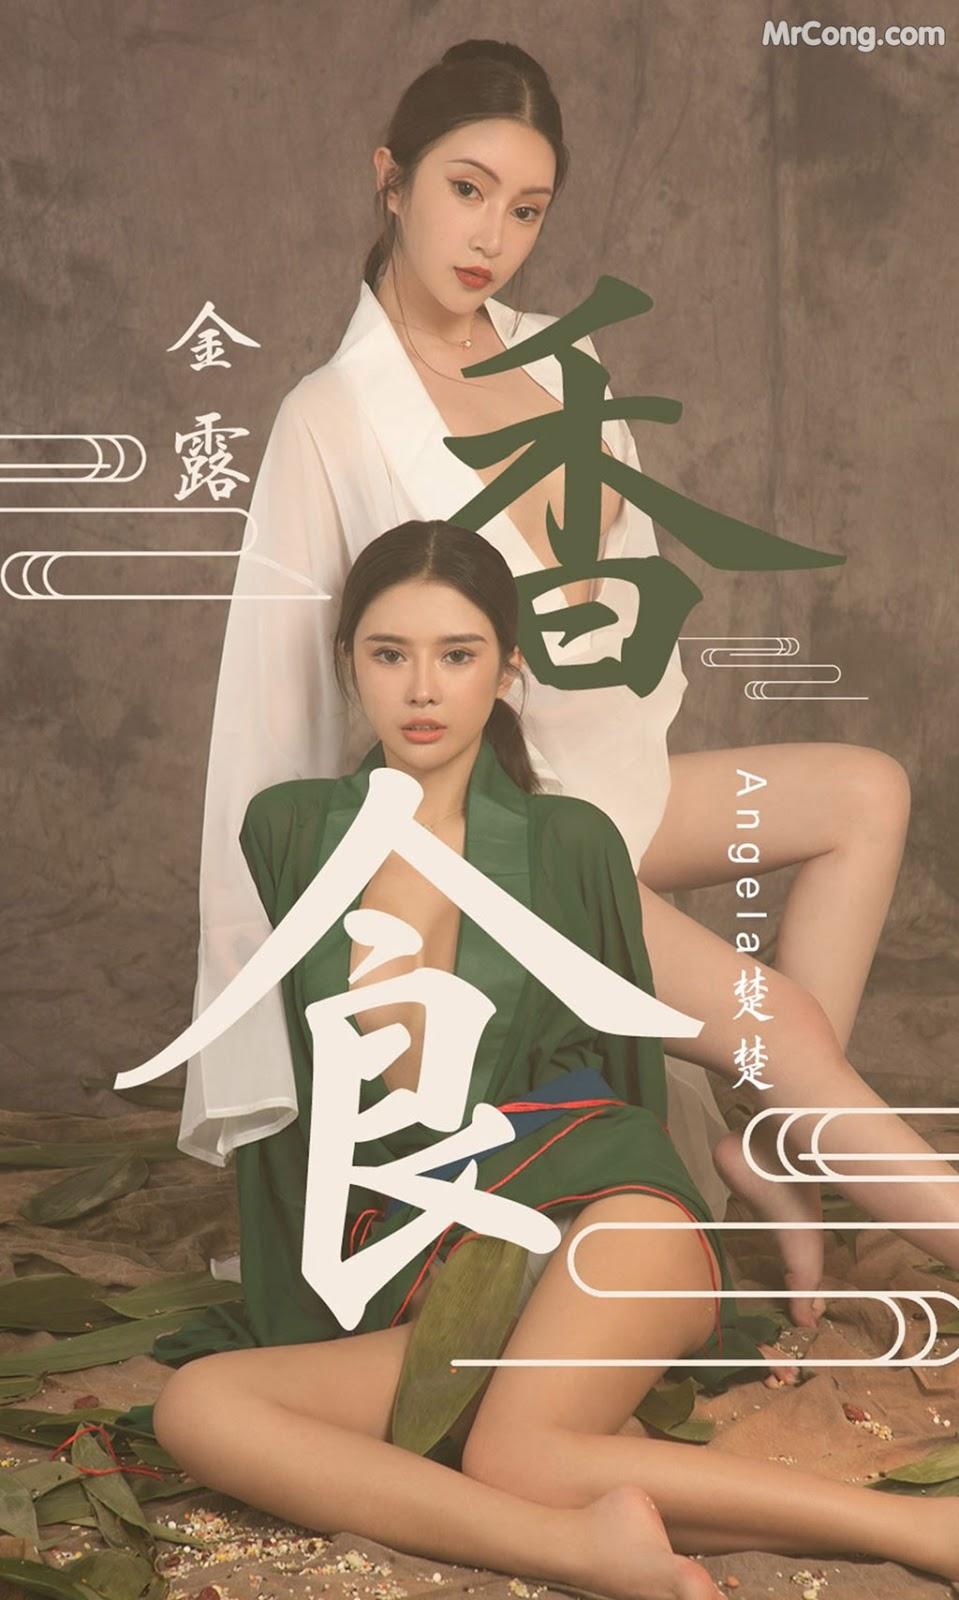 UGIRLS - Ai You Wu App No.1479: Angela 楚楚 & Jin Lu (金 露) (35 pictures)